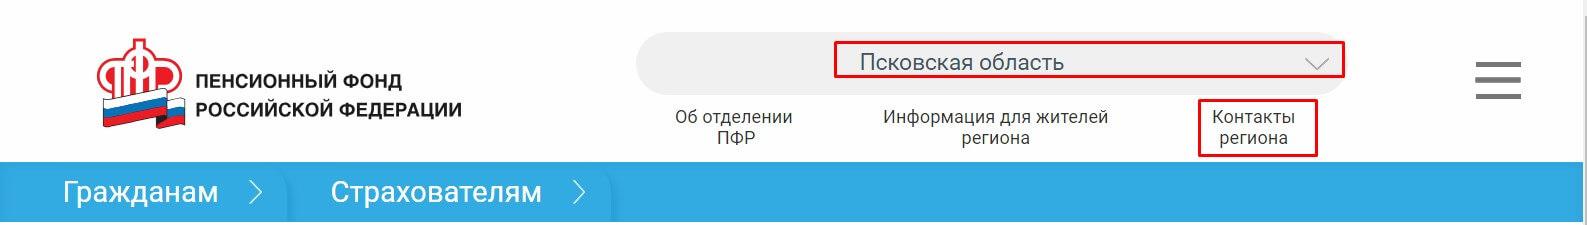 Пенсионный фонд Приморского края